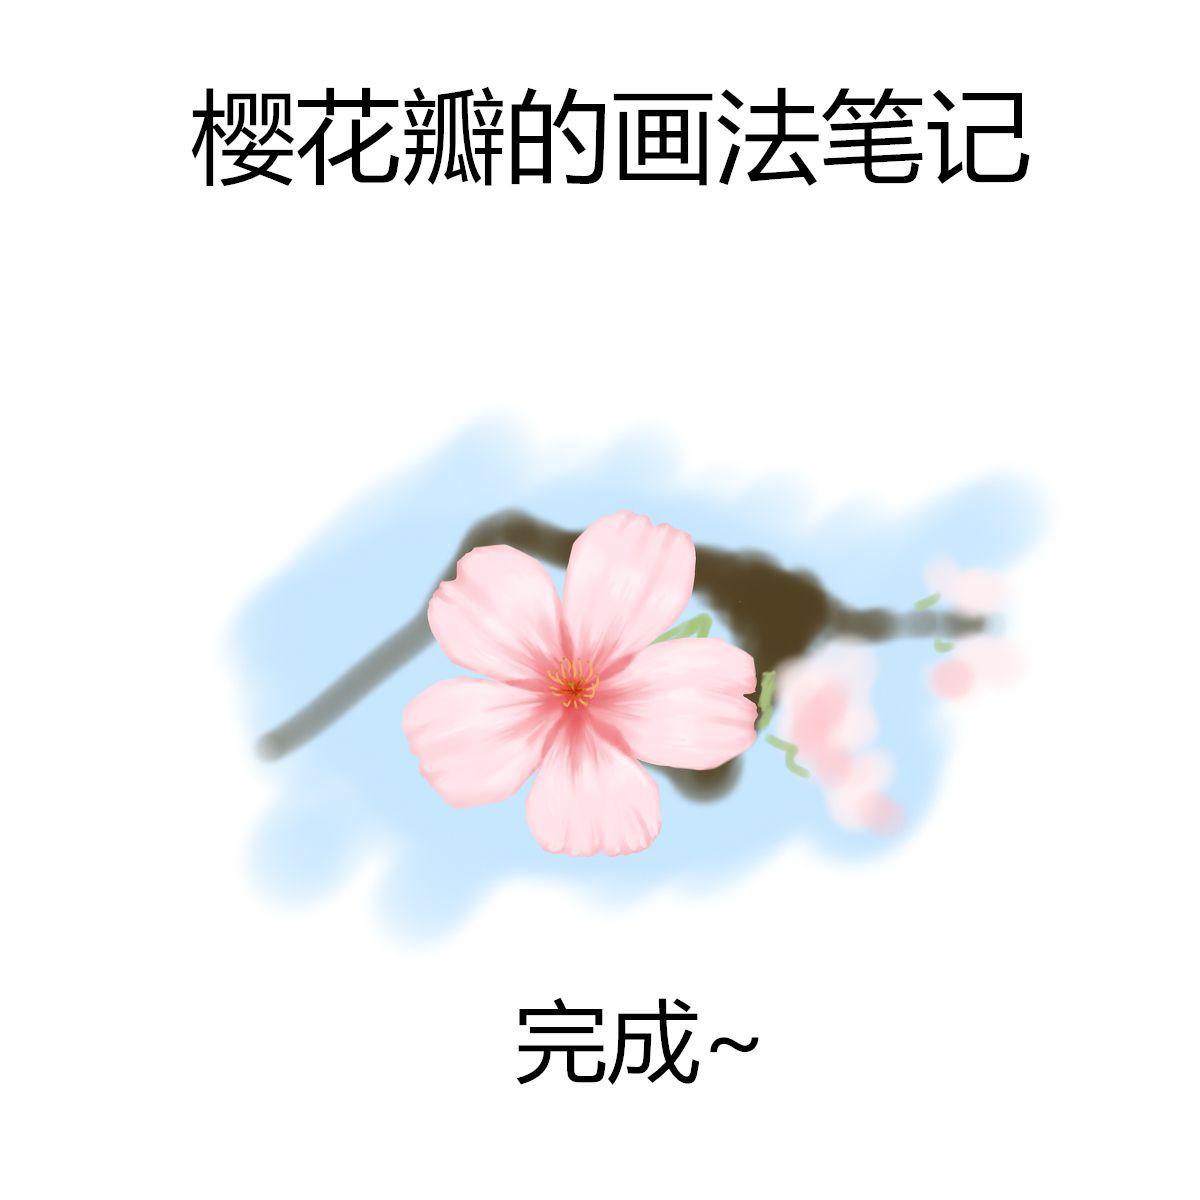 櫻花瓣畫法教程 - 優動漫